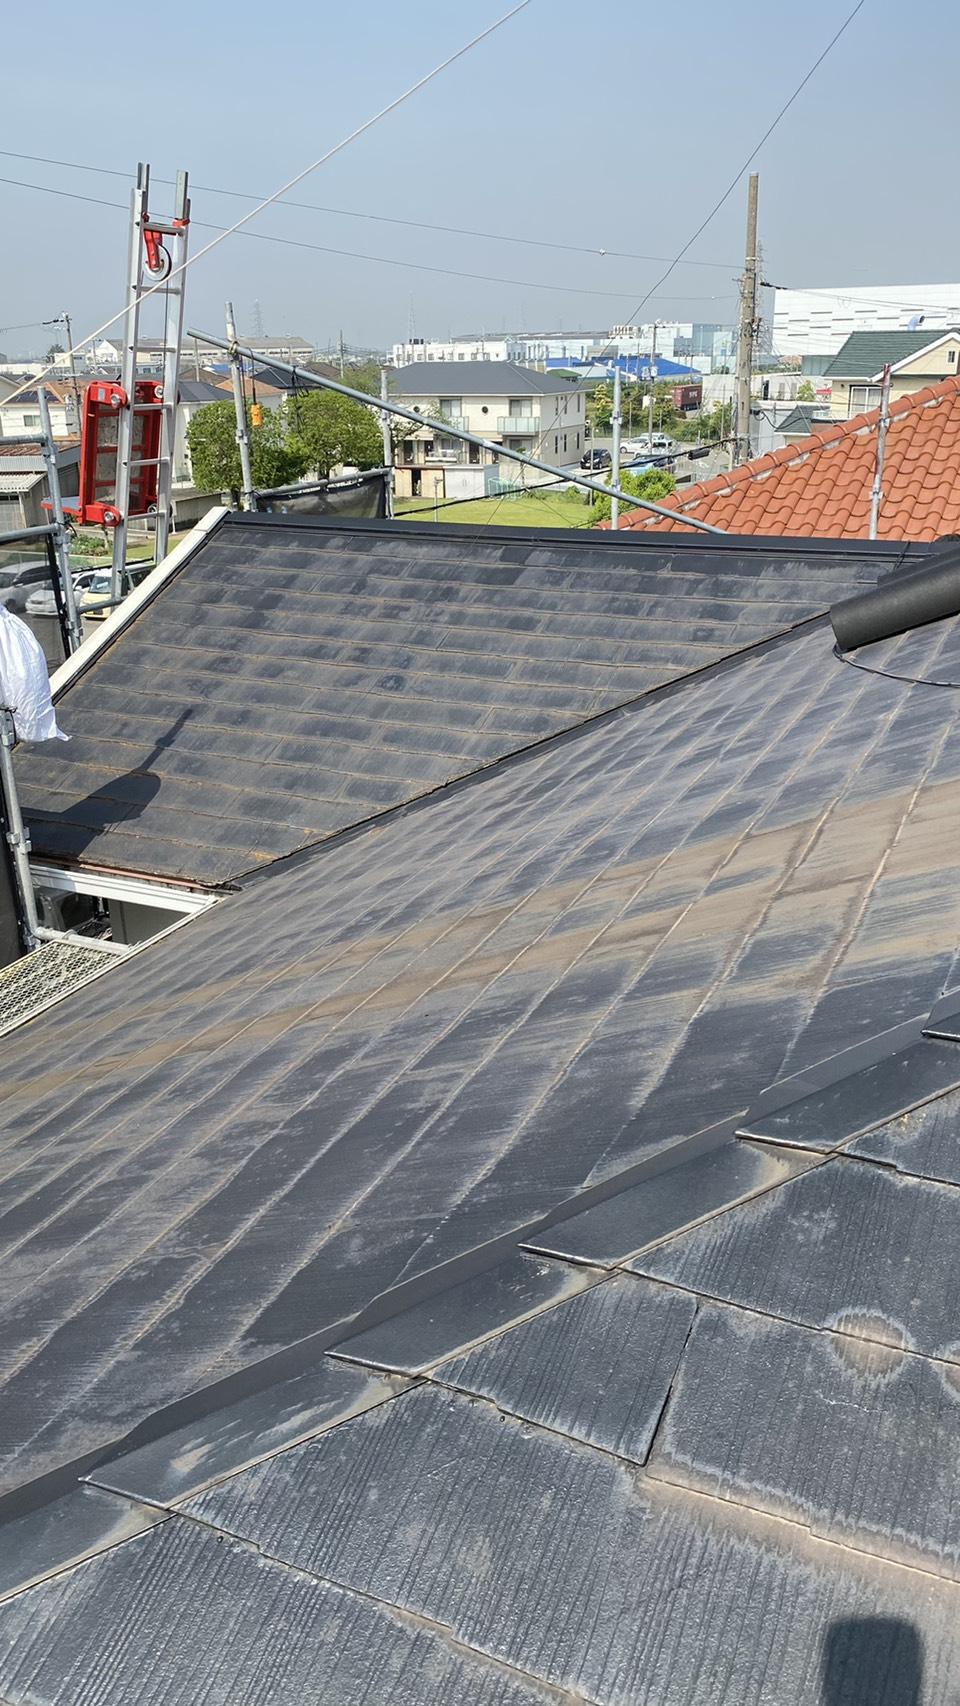 神戸市でカラーベストの上からカバー工法を行った既存の屋根